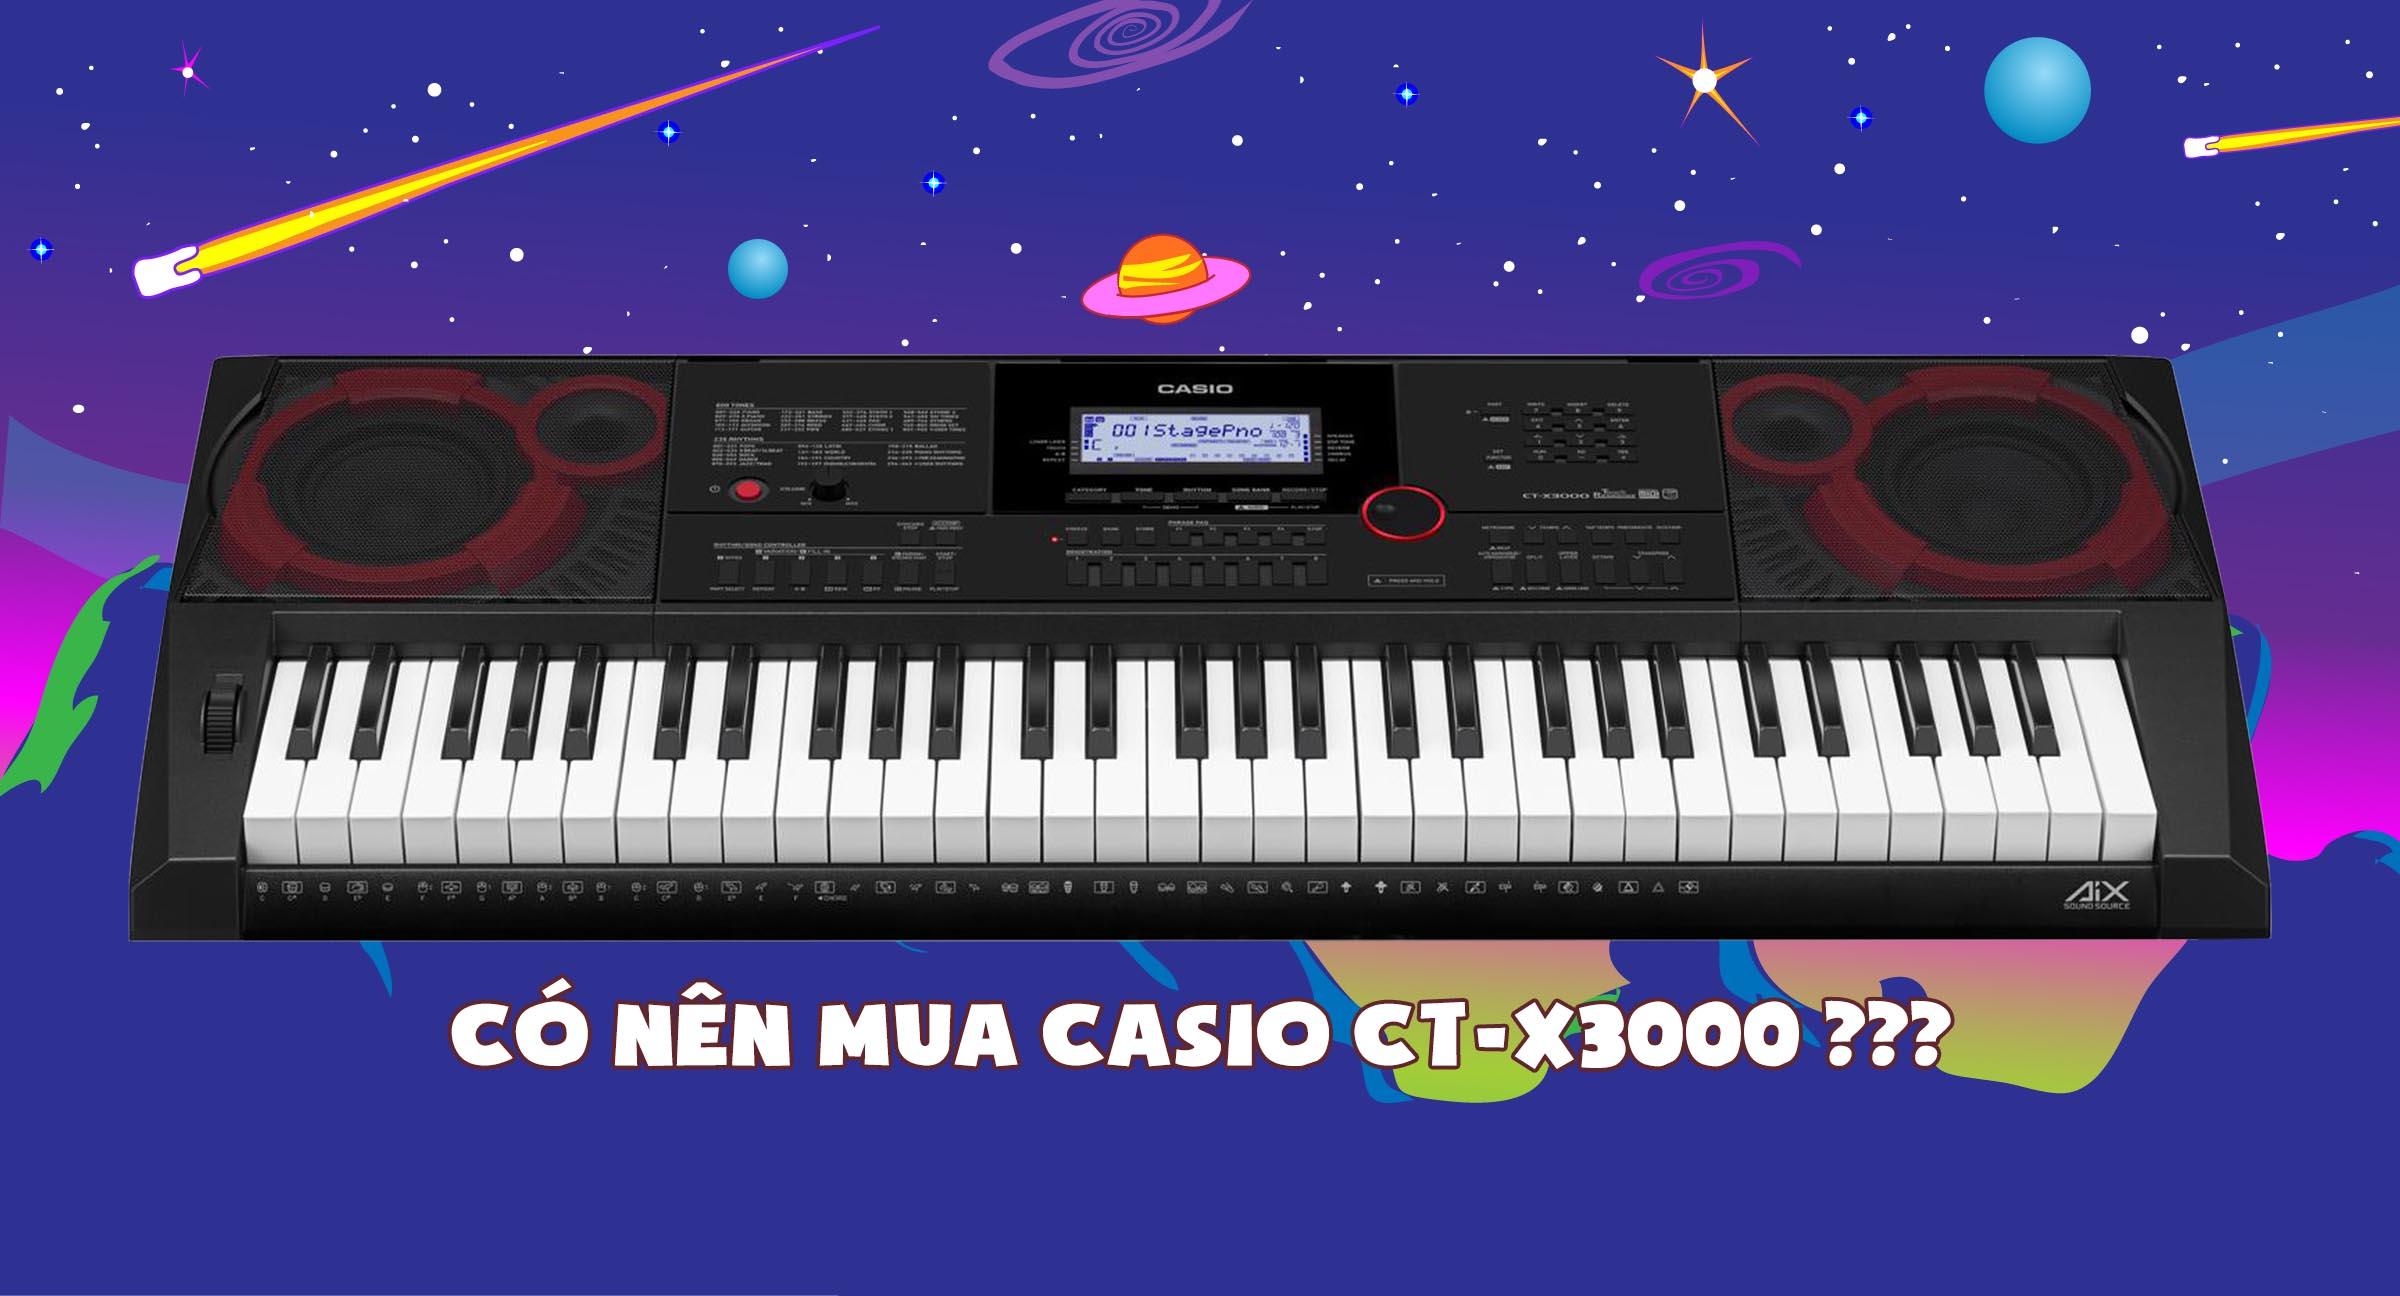 Review đàn organ Casio CT-X3000. Có nên mua không?